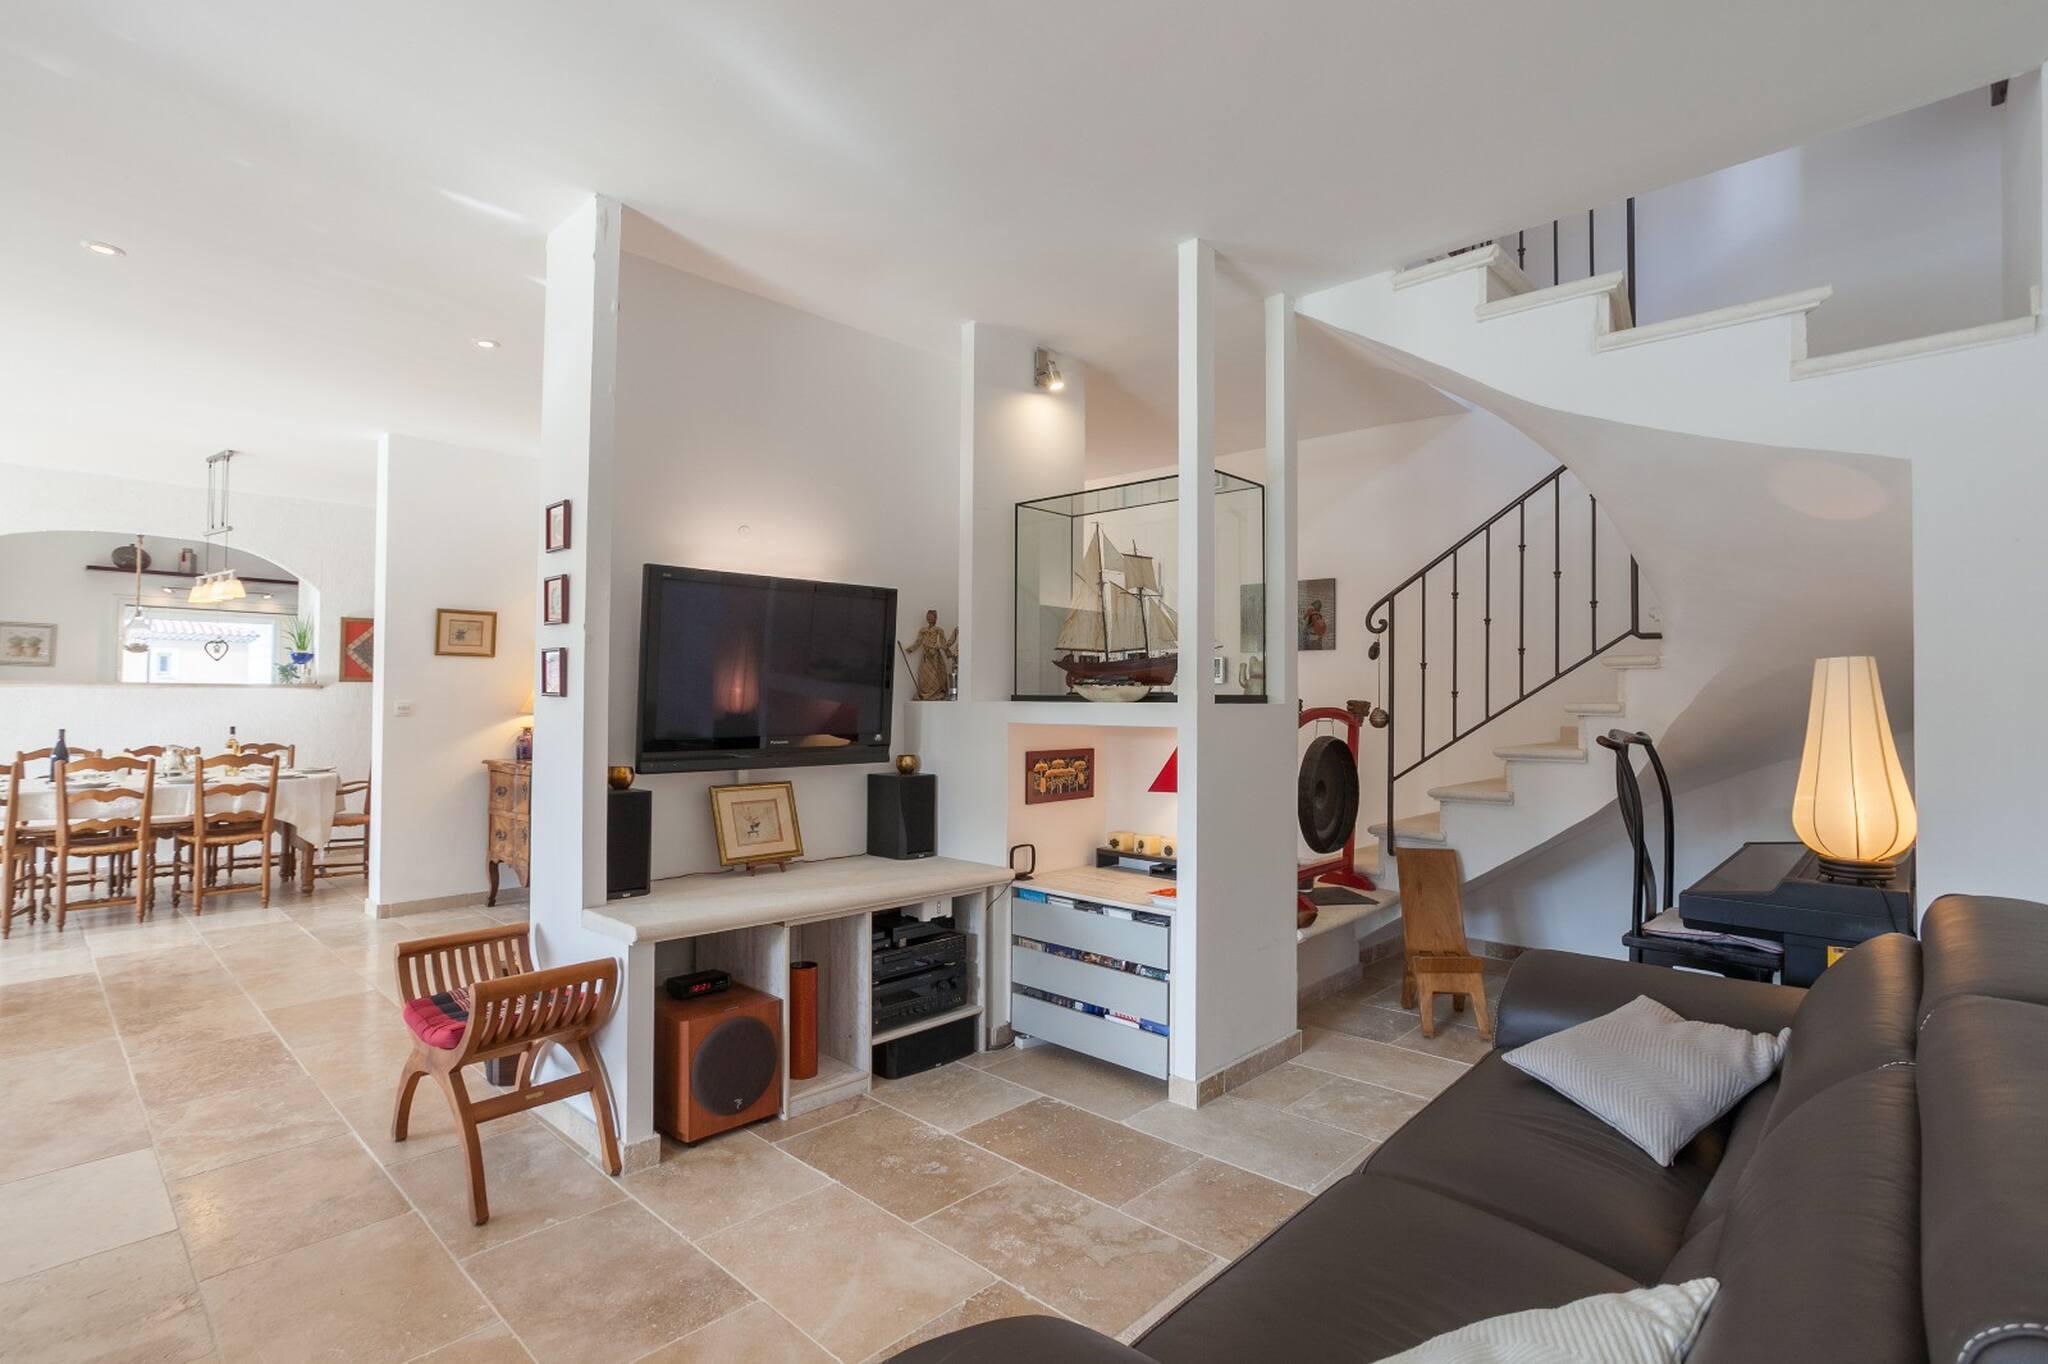 Maison de vacances La Bien Méritée - Für einen unvergesslichen Urlaub (2647544), L'Isle sur la Sorgue, Vaucluse, Provence - Alpes - Côte d'Azur, France, image 13